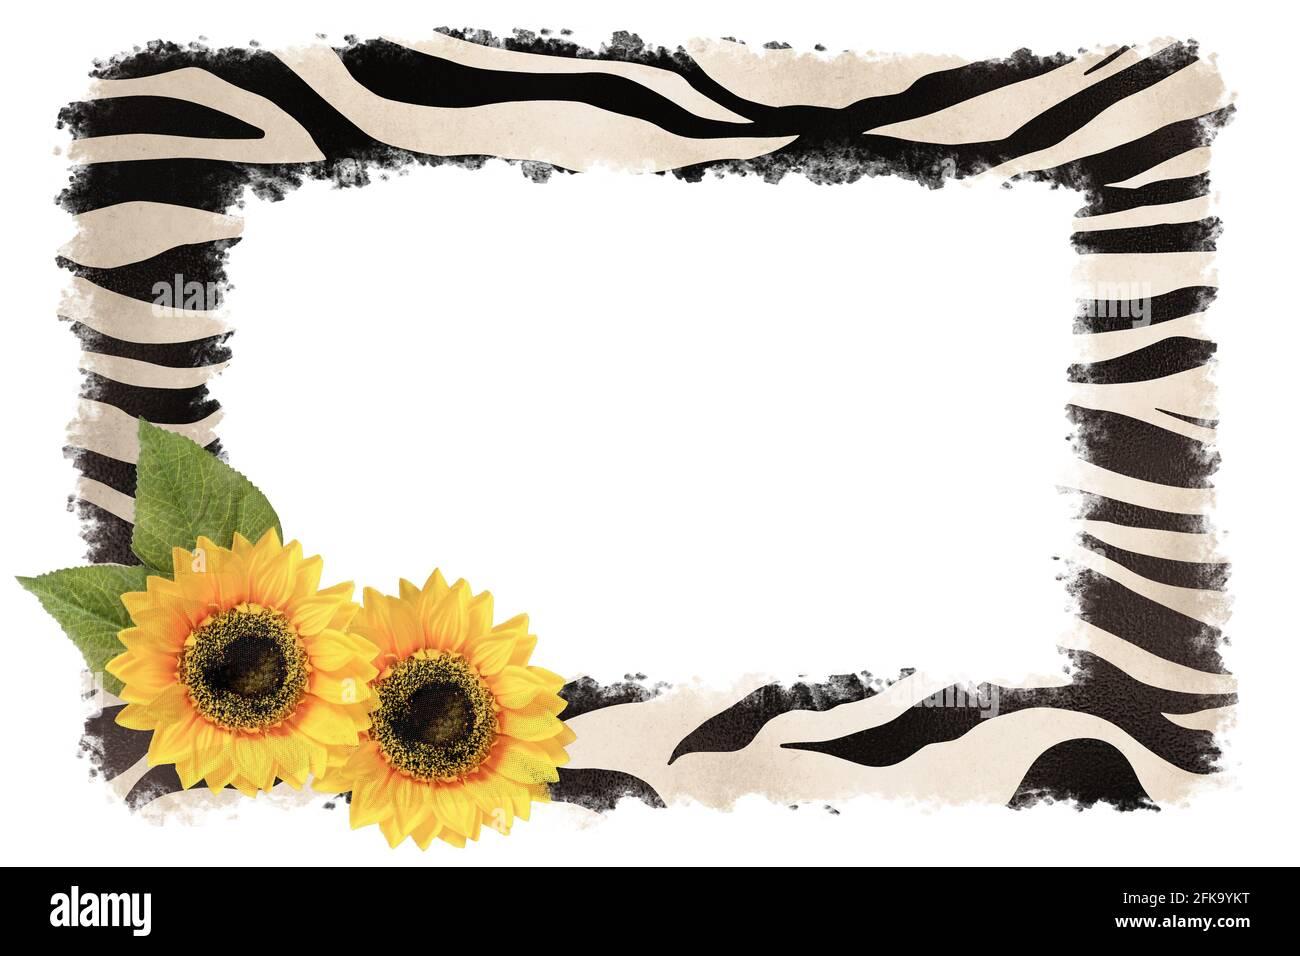 Cadre à motif tournesol et imprimé peau d'animal. Collage créatif Banque D'Images